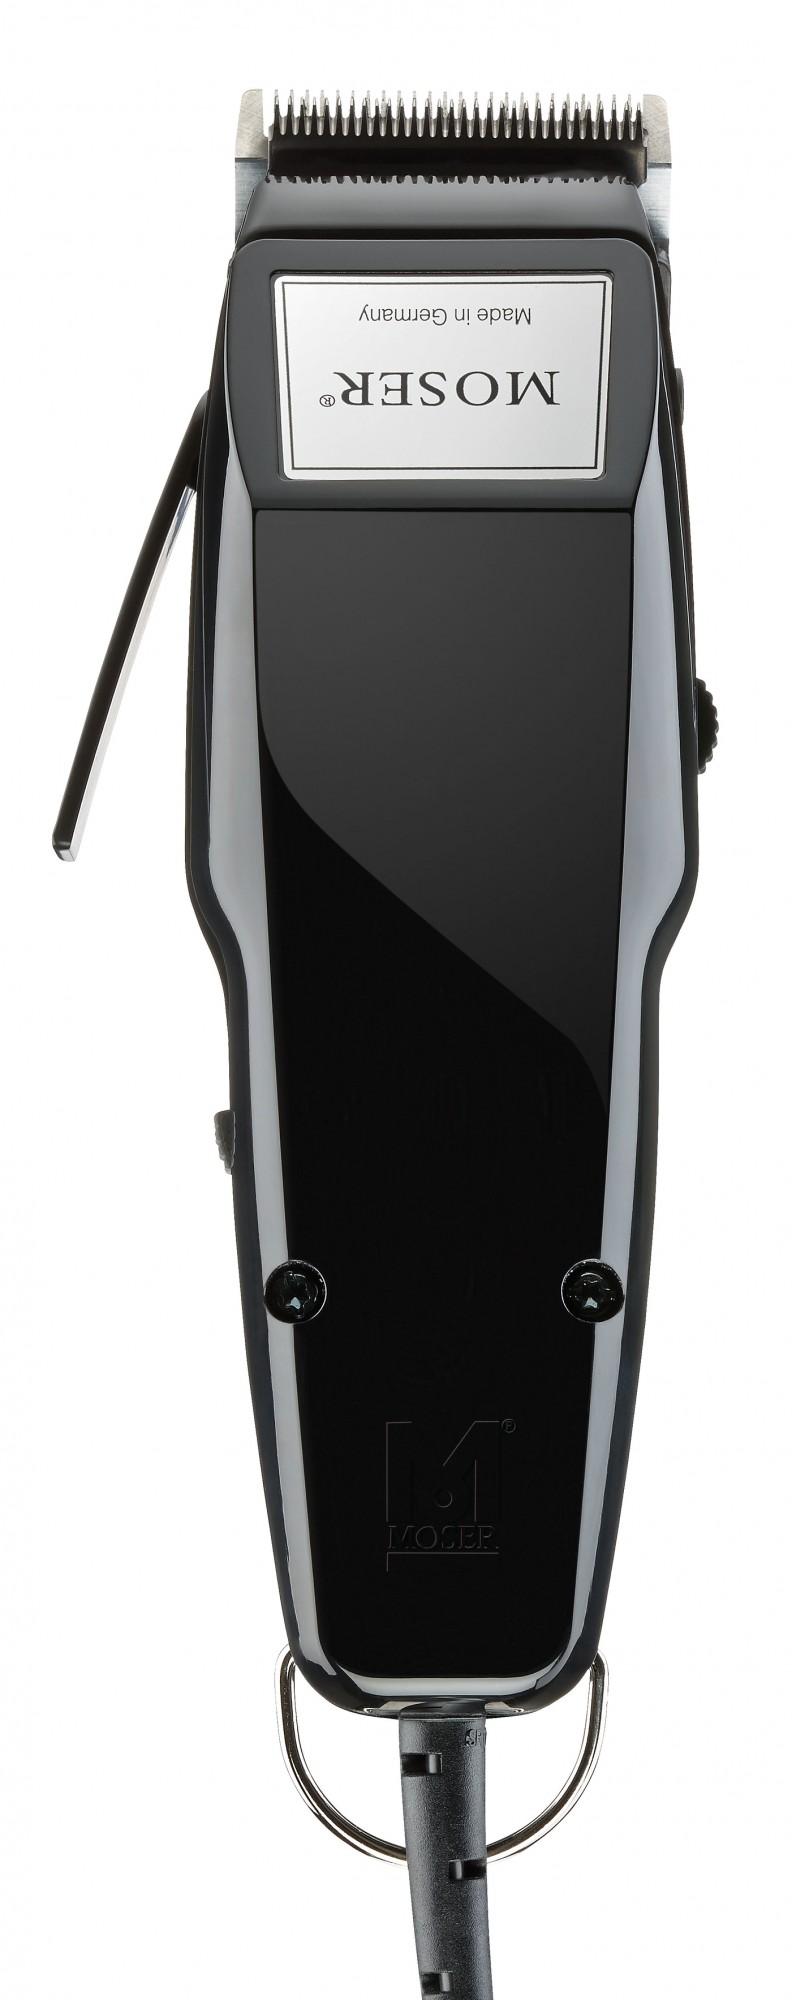 Střihací strojek MOSER 1400-0269 Black pic